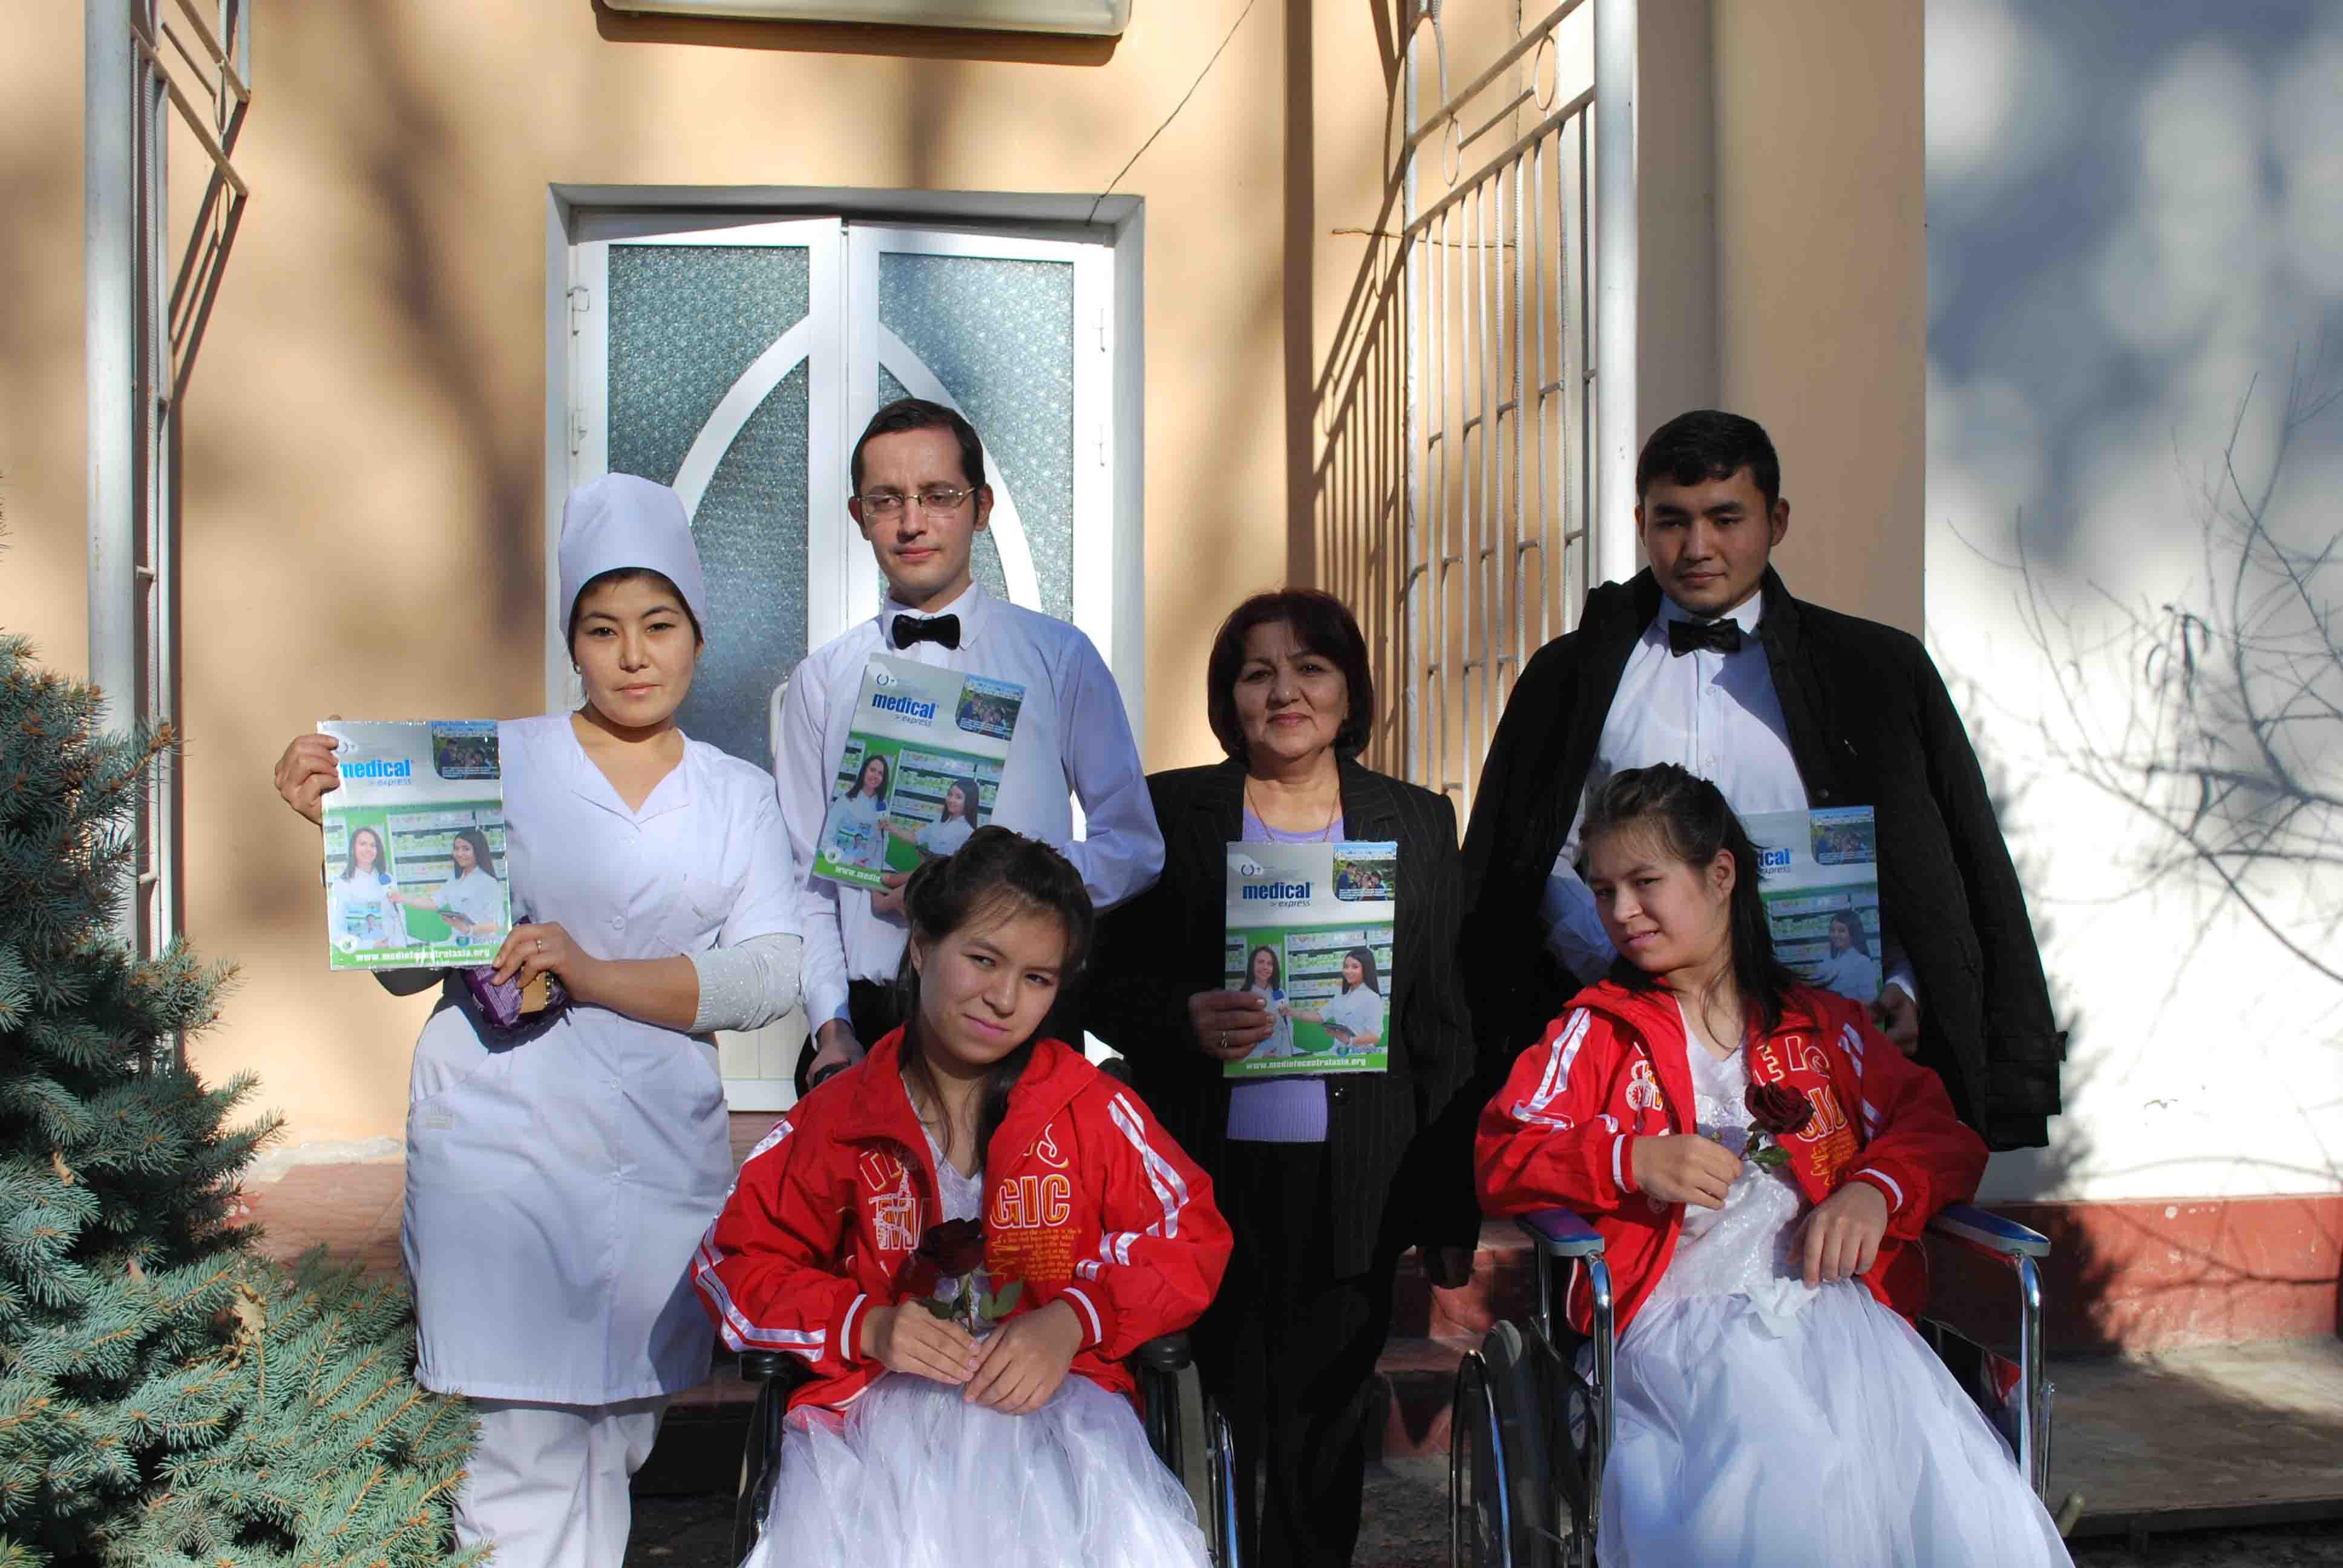 http://medicalexpress.ru/uploads/news/openning%20classroom/DSC_2501.jpg